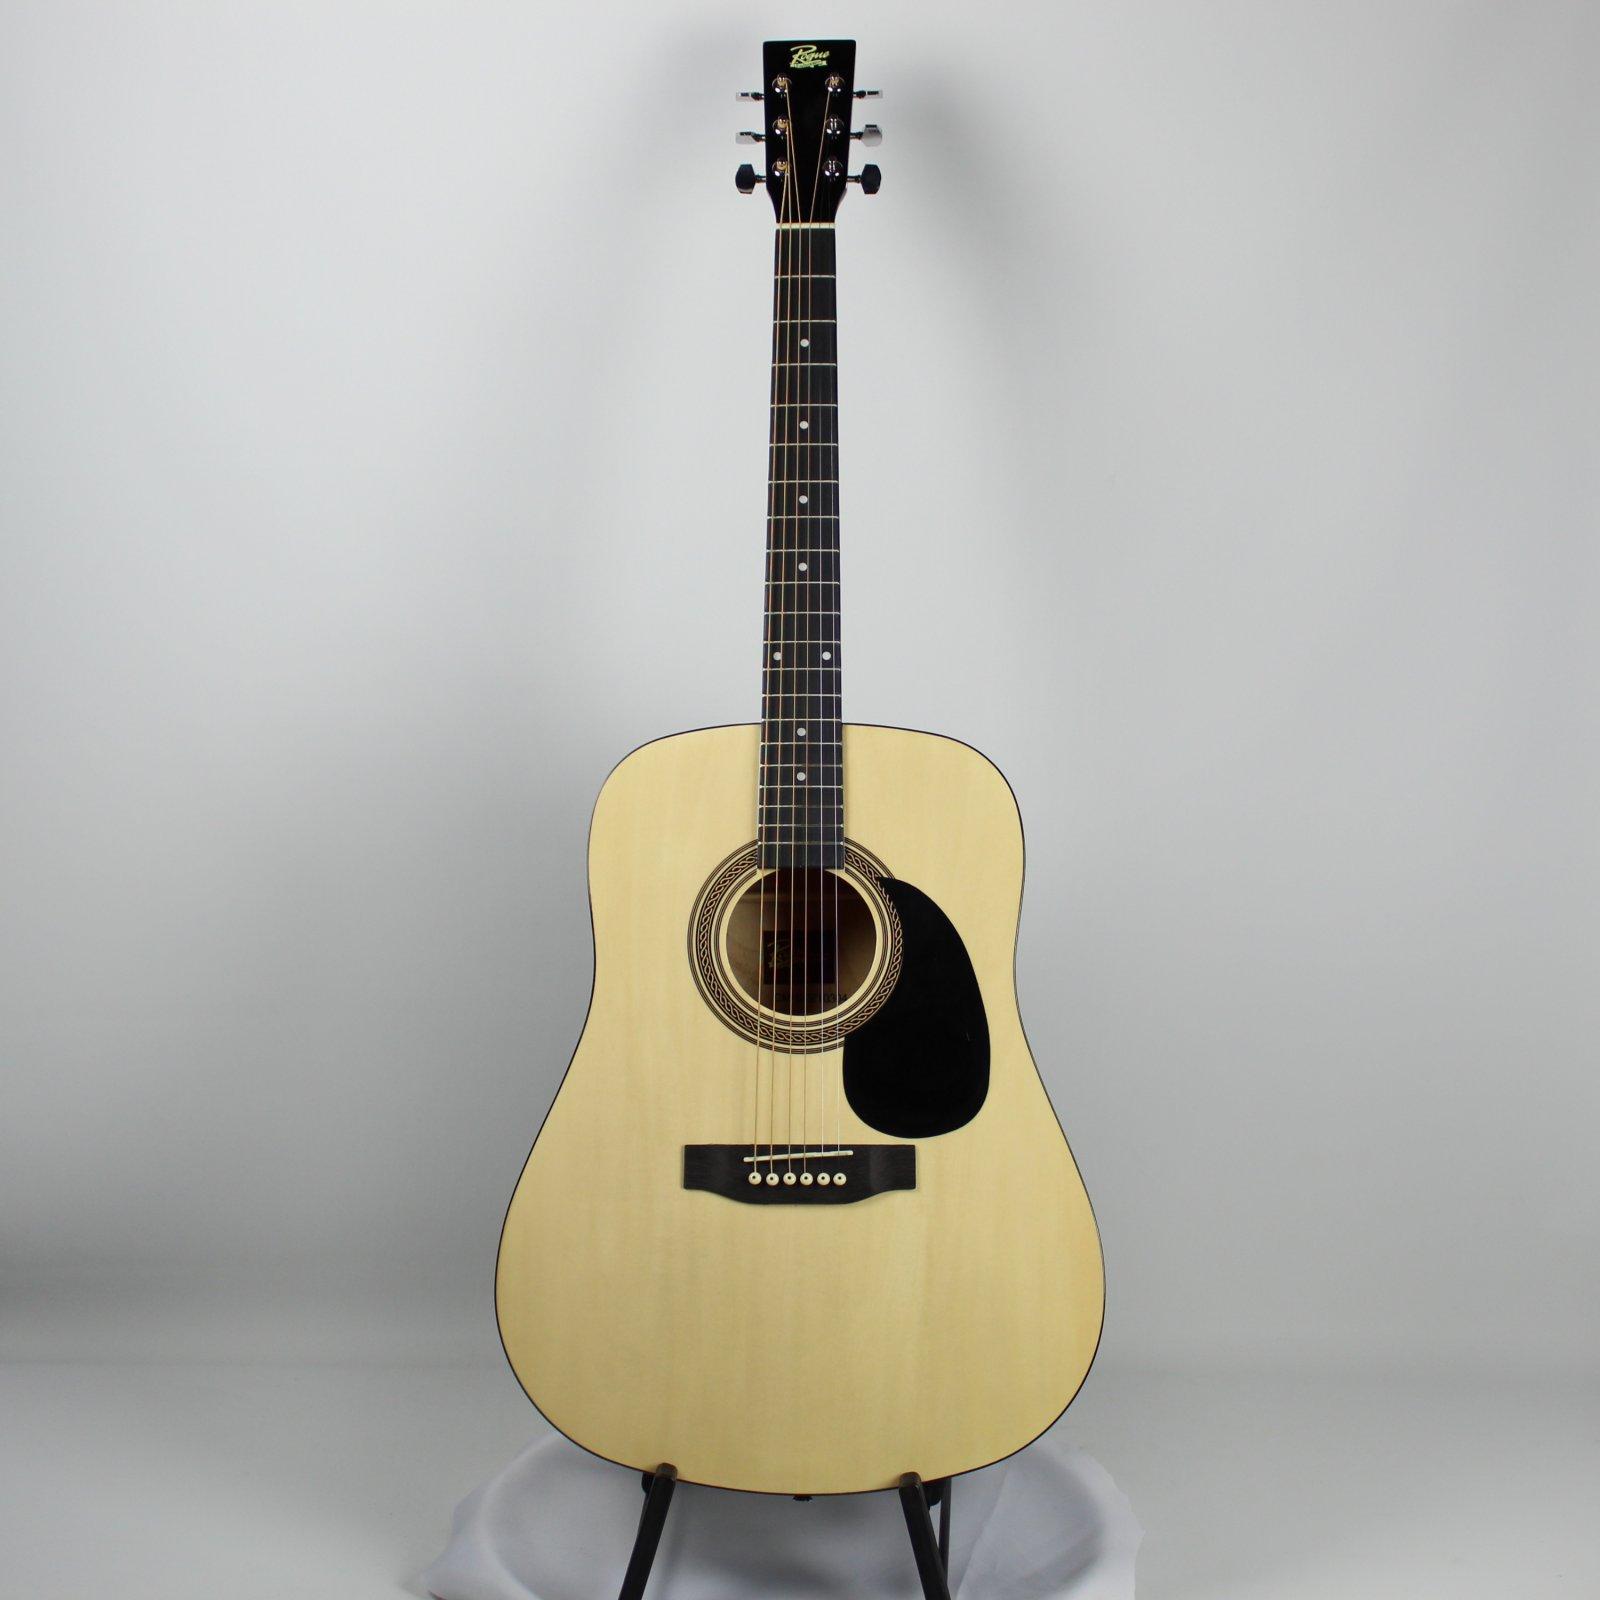 Rogue RA-090-NA Dreadnought Acoustic Guitar, Natural (USED)